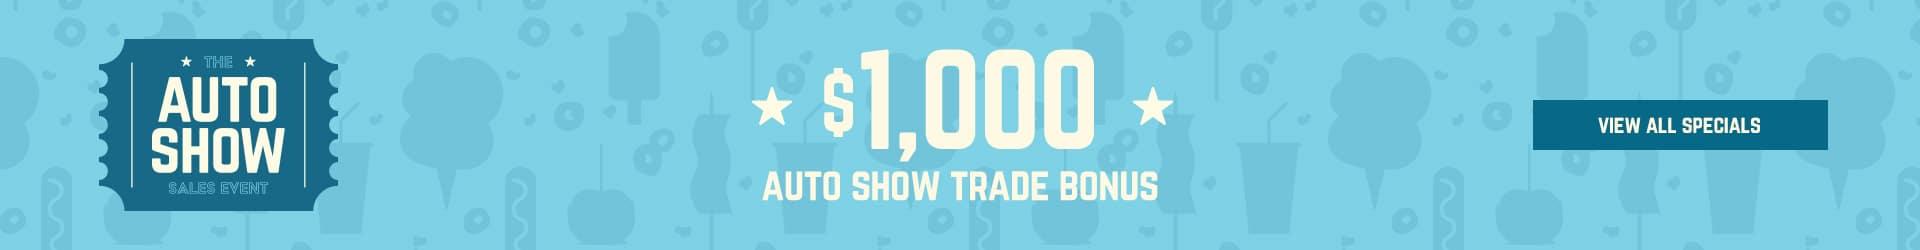 2021 Autos Show $1,000 Trade Bonus